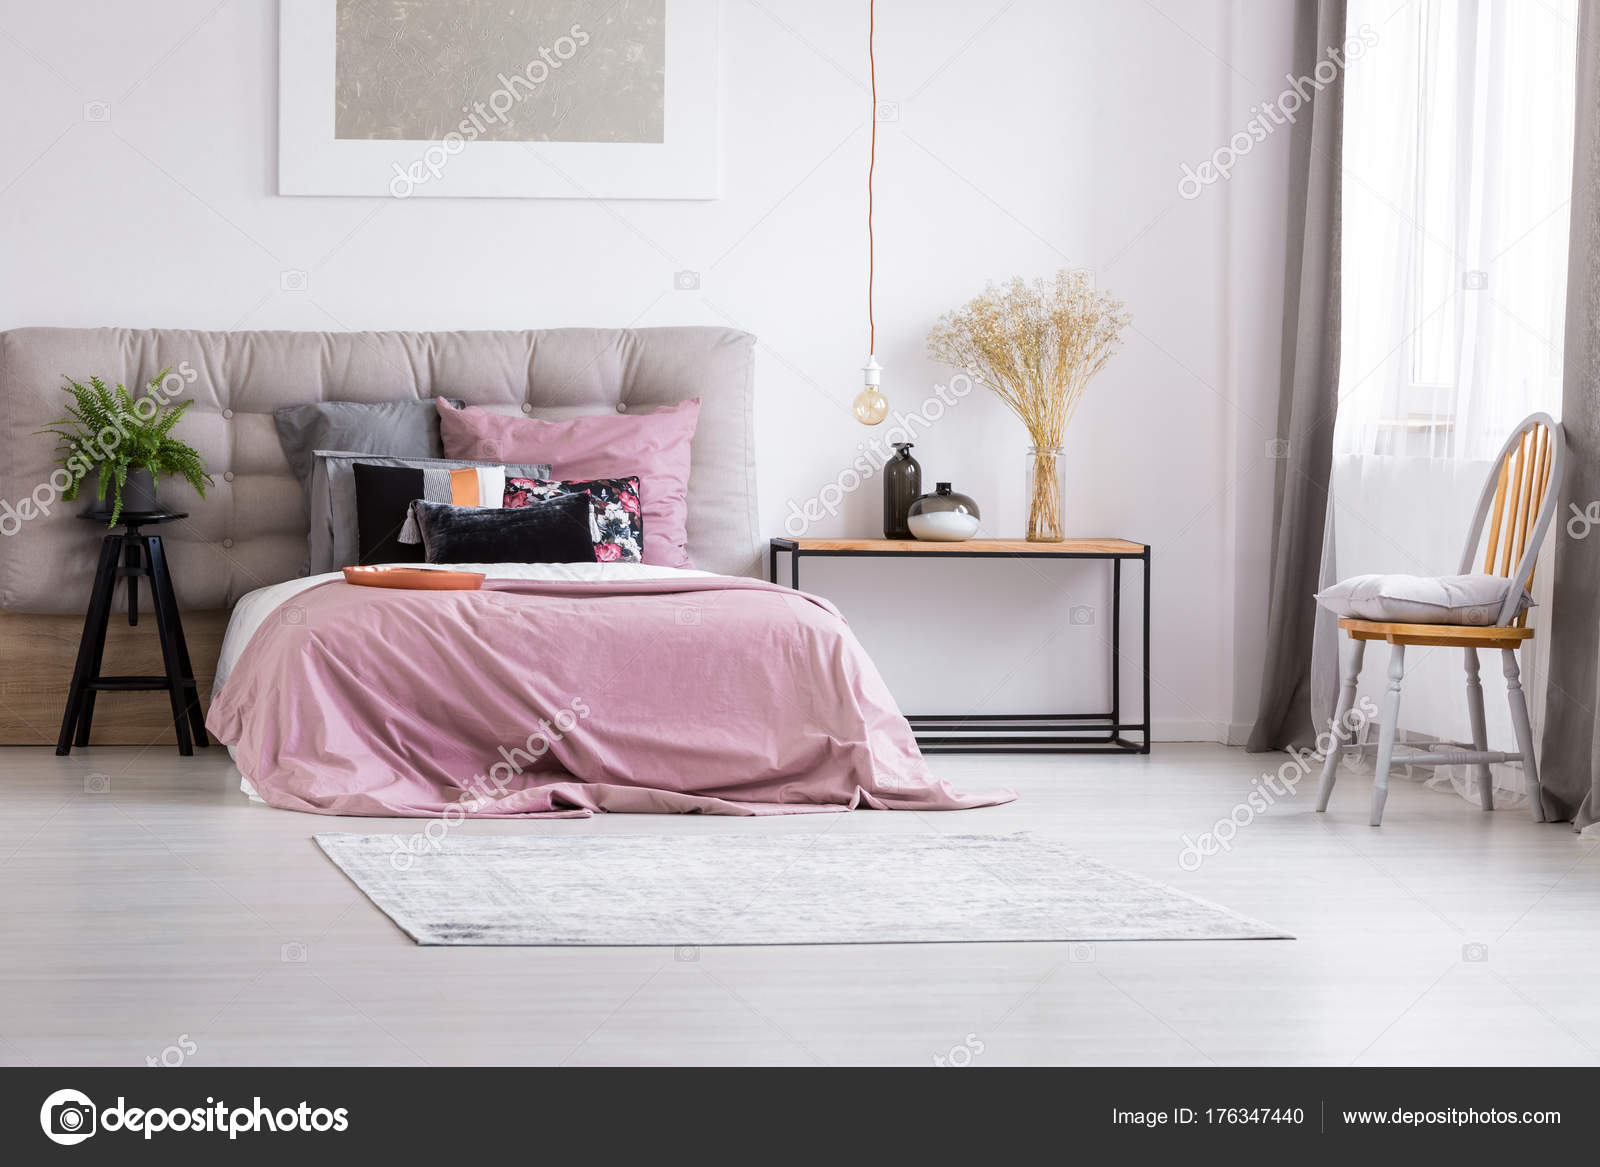 Minimalistische slaapkamer met hedendaagse verlichting u stockfoto